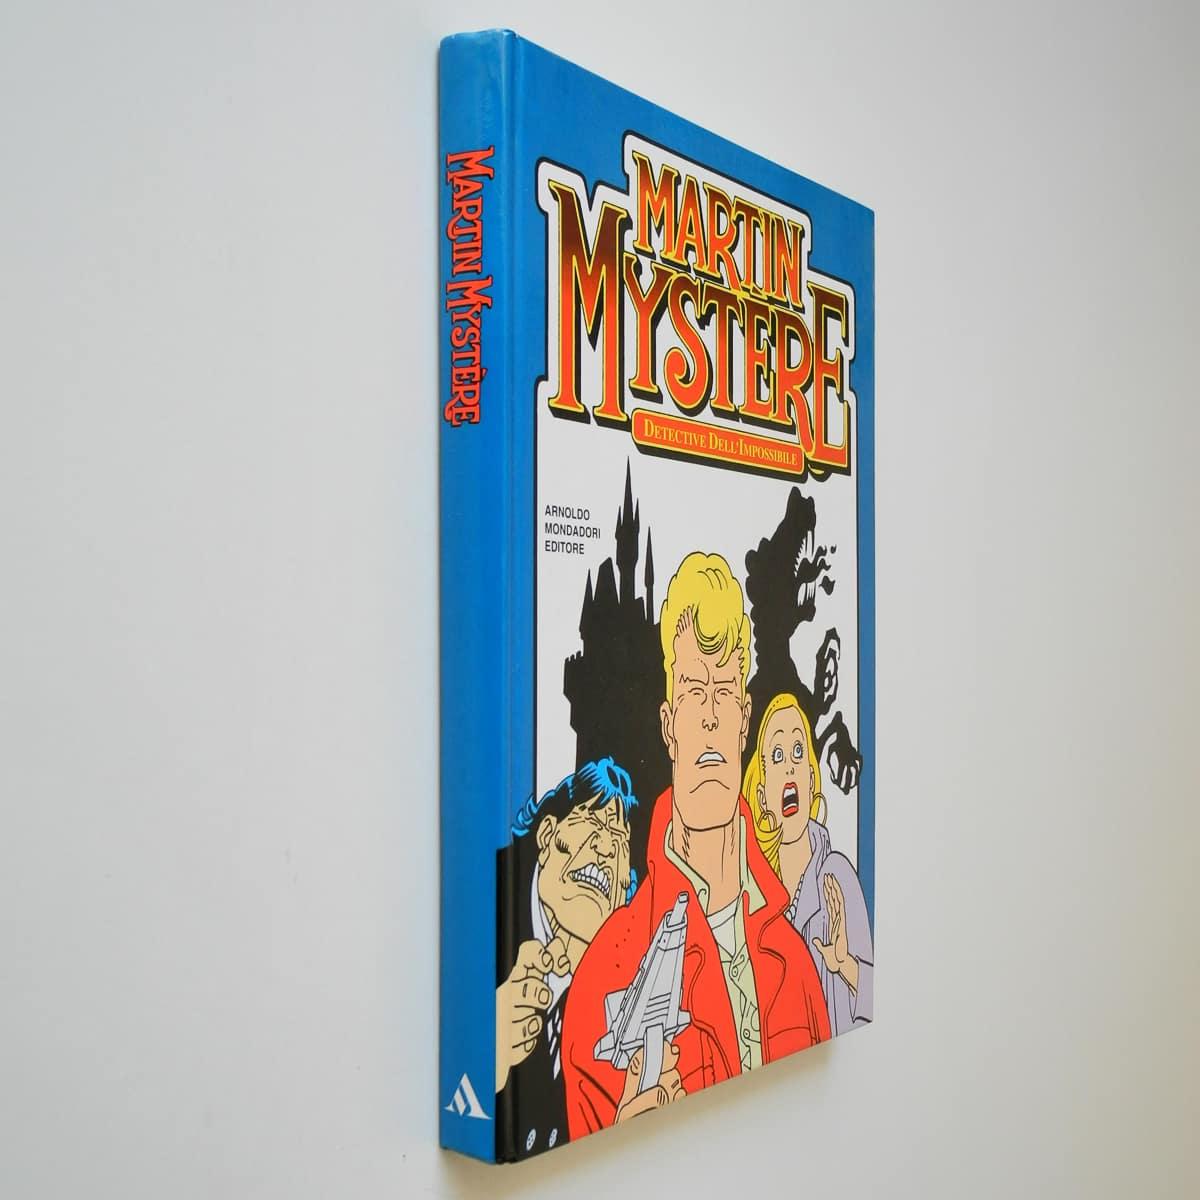 Martin Mystere cartonato Mondadori